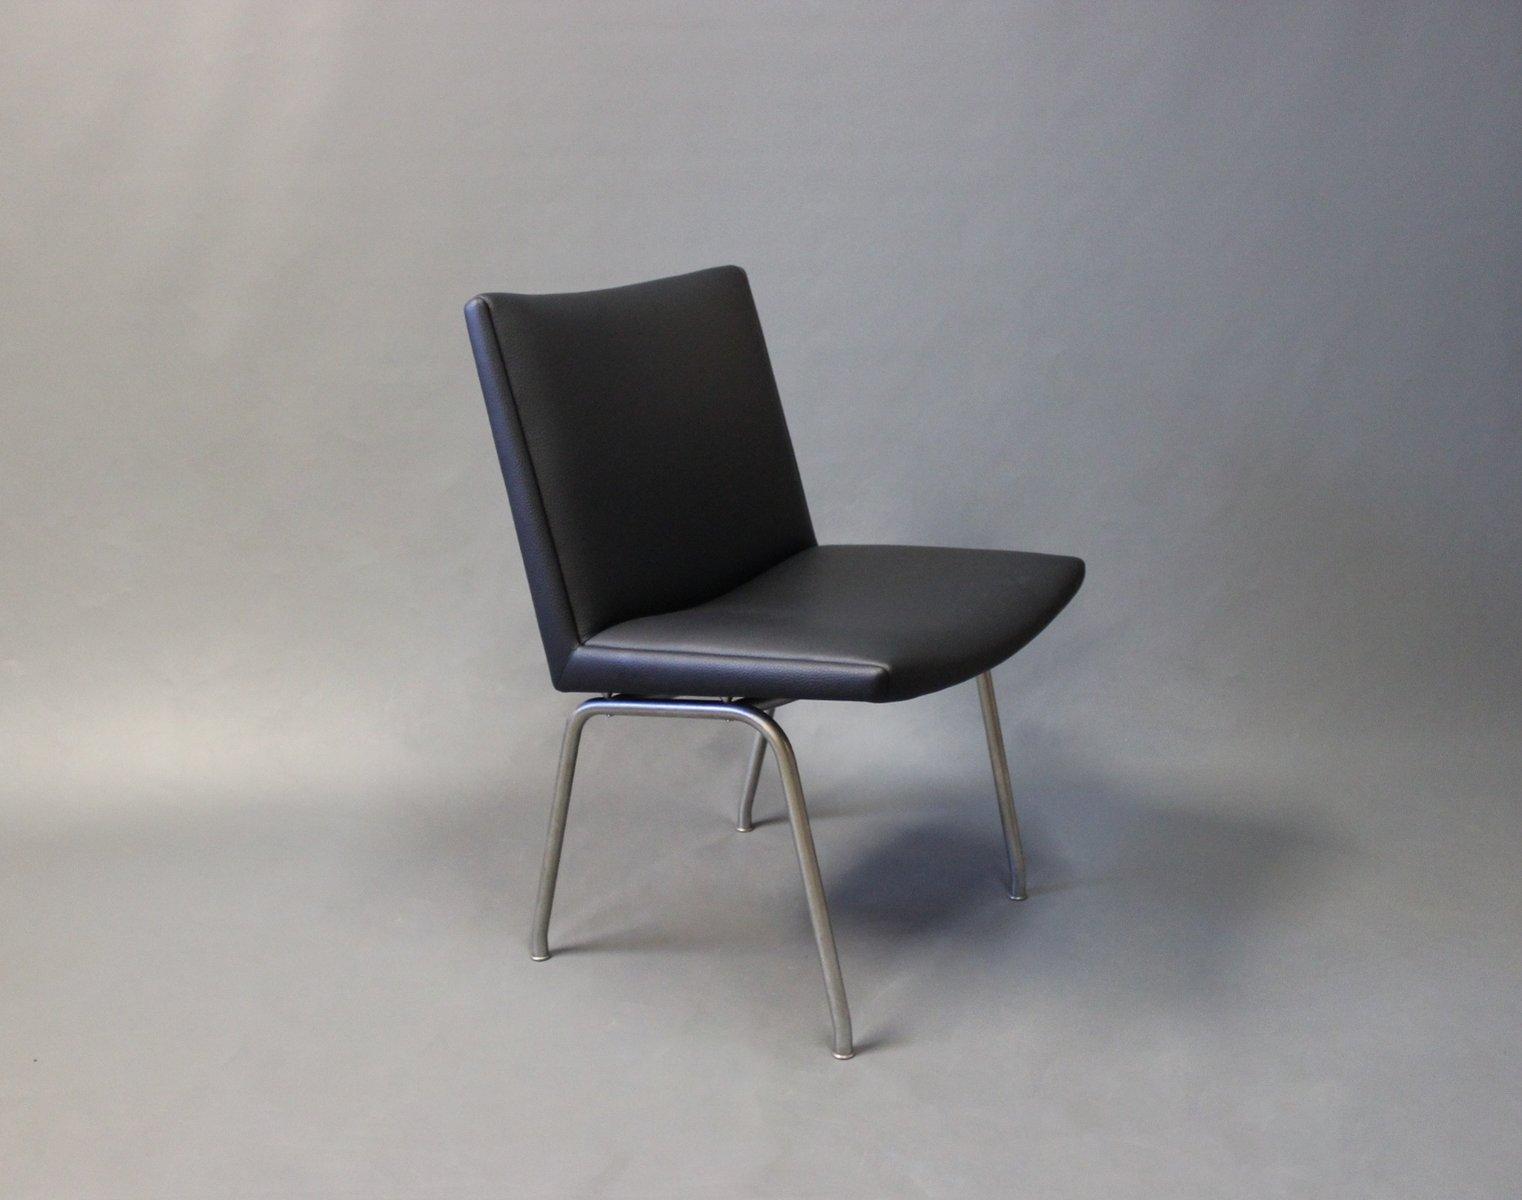 ap 38 flughafen stuhl von hans j wegner f r a p stolen 1960er bei pamono kaufen. Black Bedroom Furniture Sets. Home Design Ideas